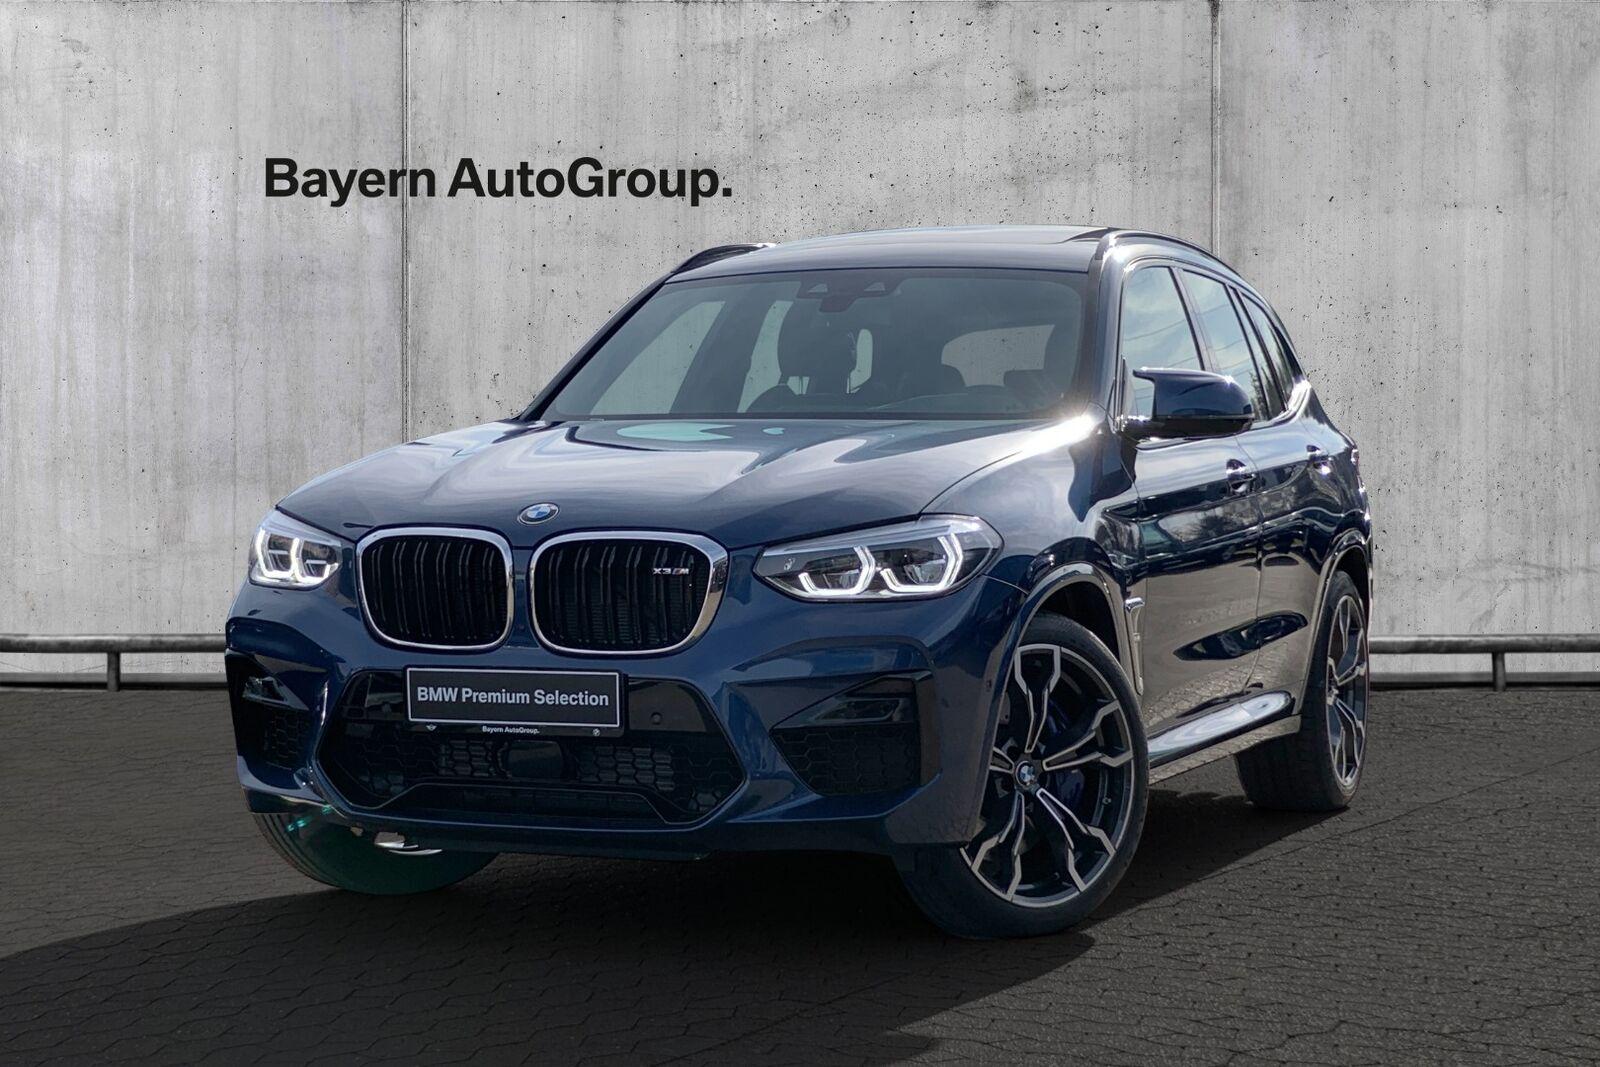 BMW X3 3,0 M xDrive aut. 5d - 1.379.900 kr.